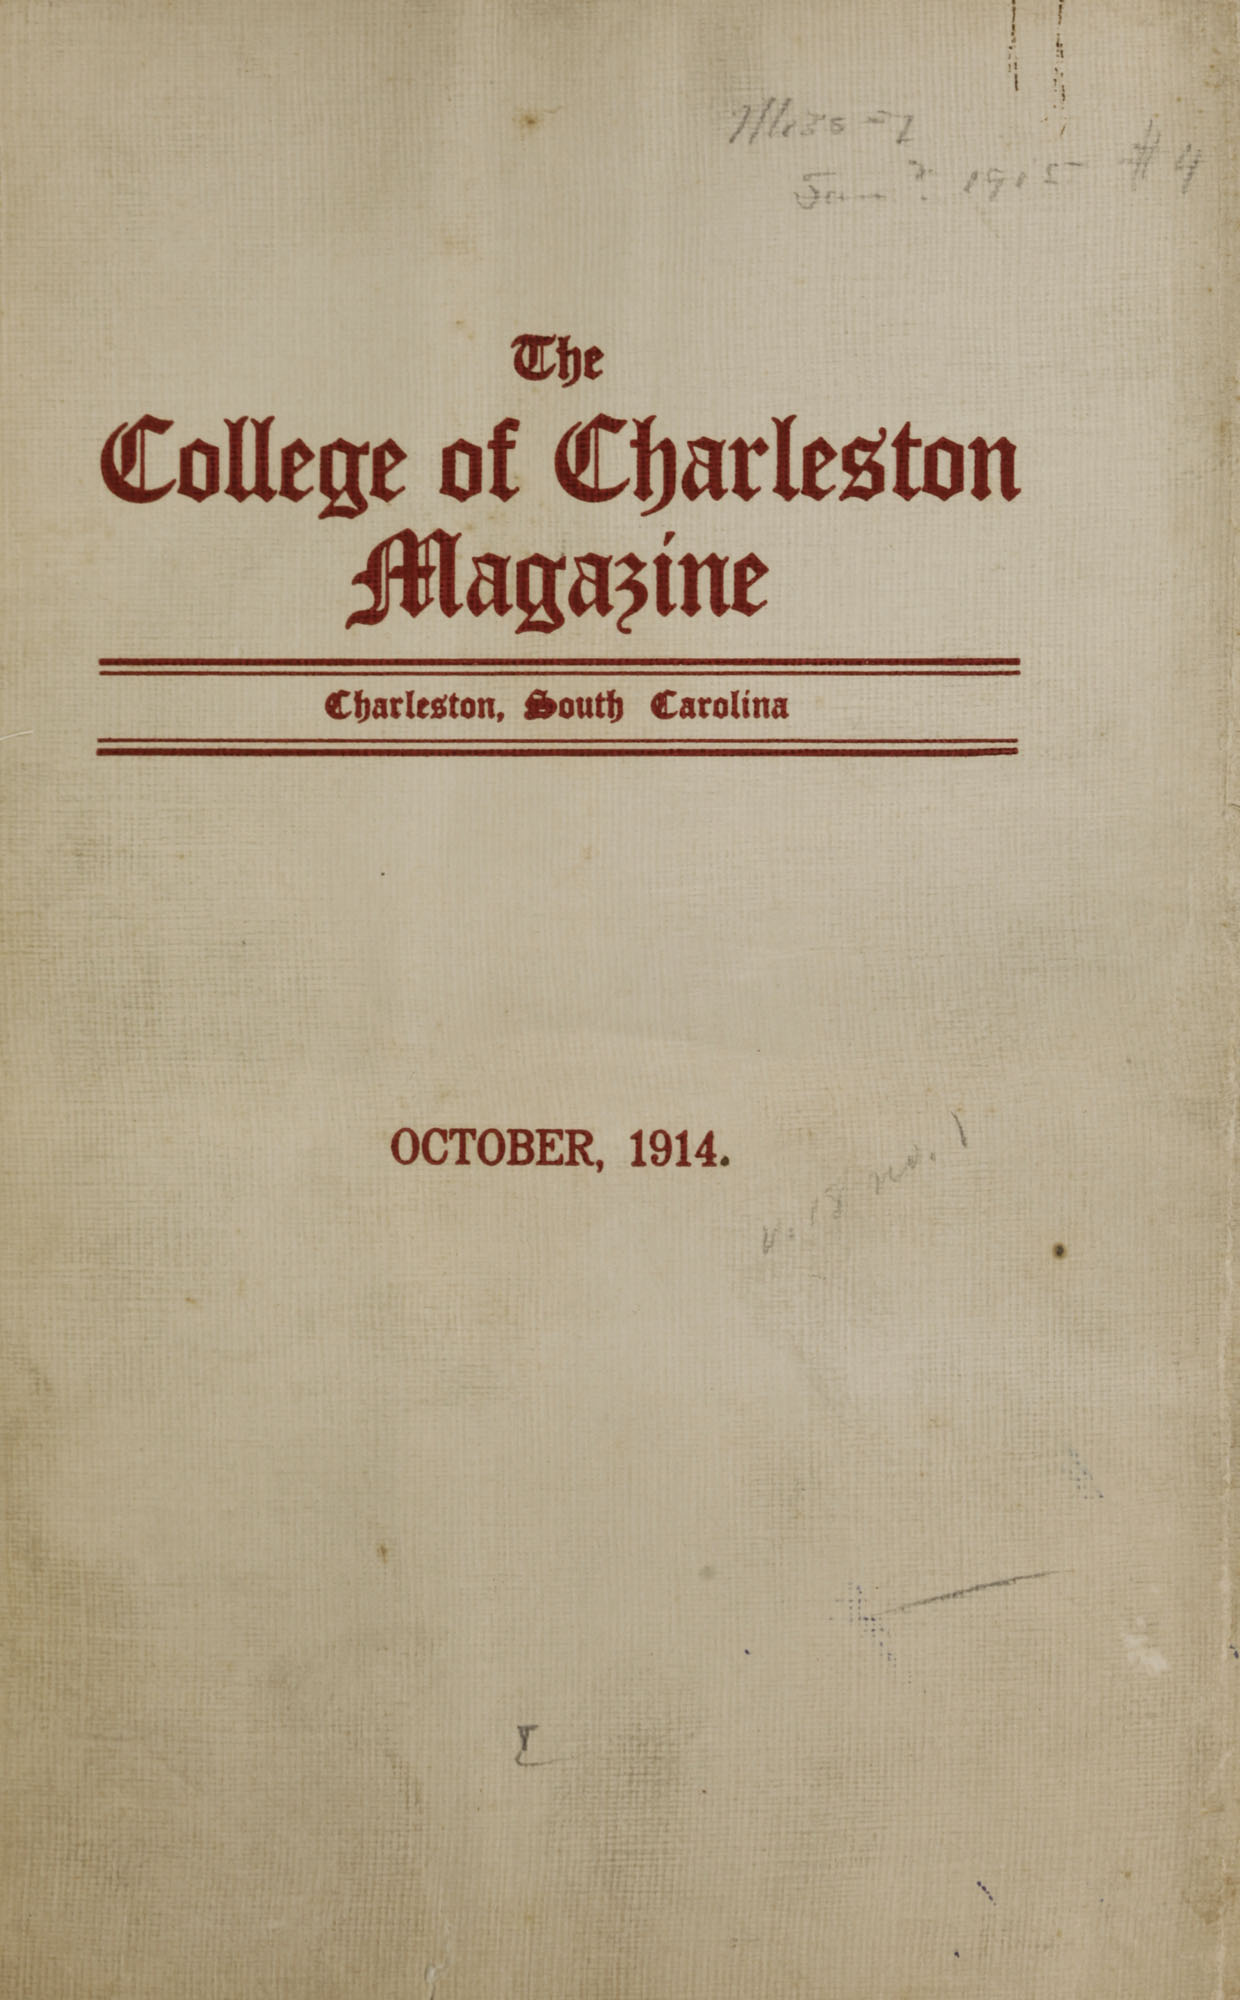 College of Charleston Magazine, 1914-1915